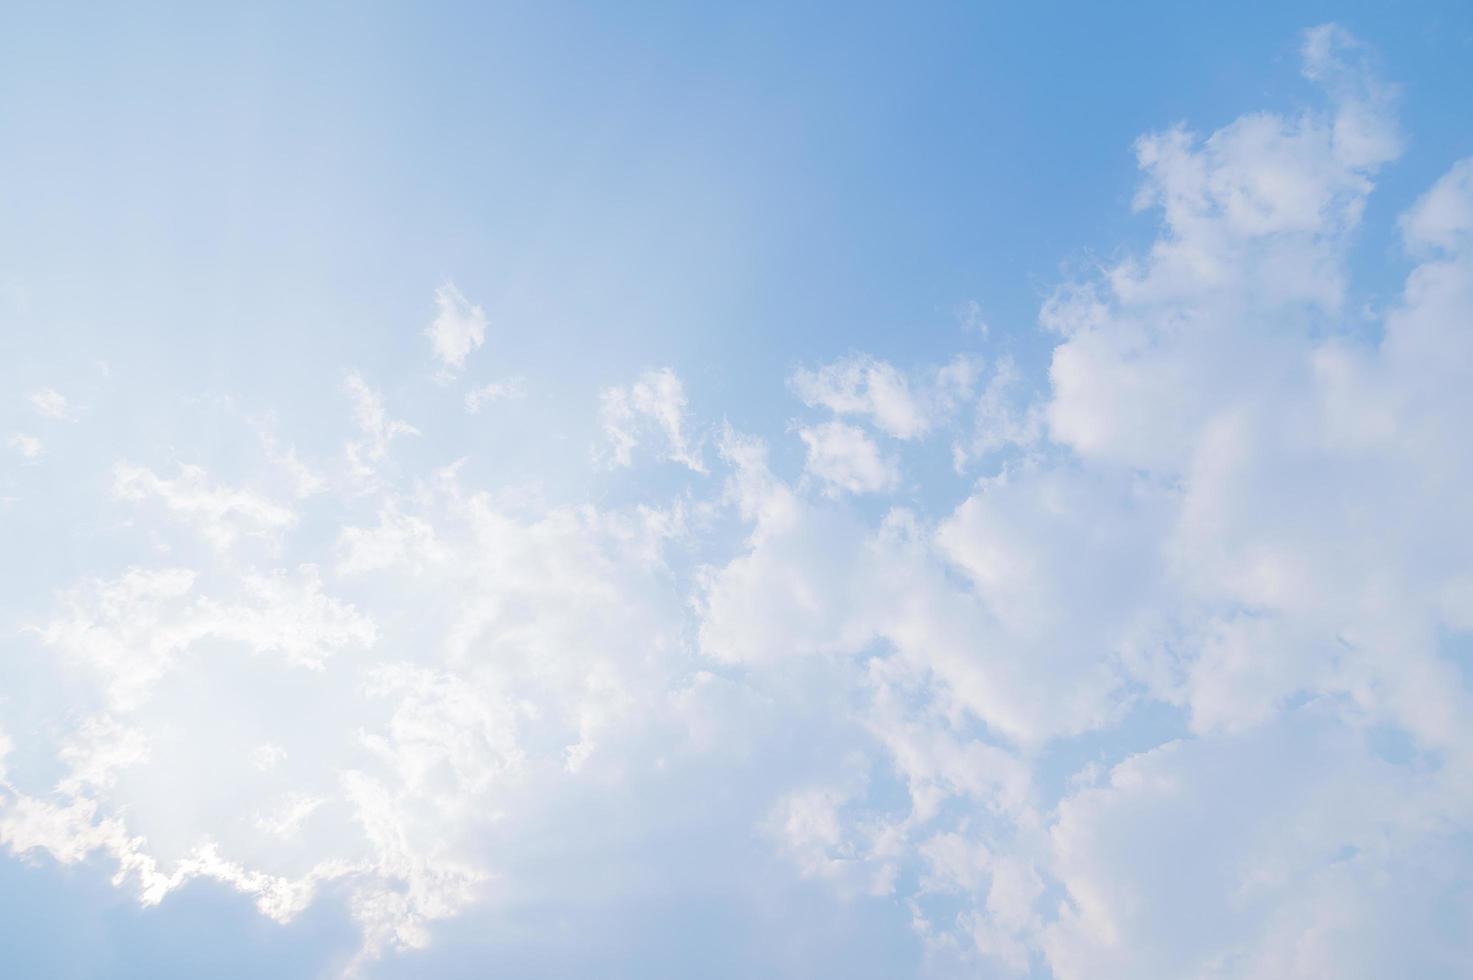 nuages et ciel pendant la journée photo